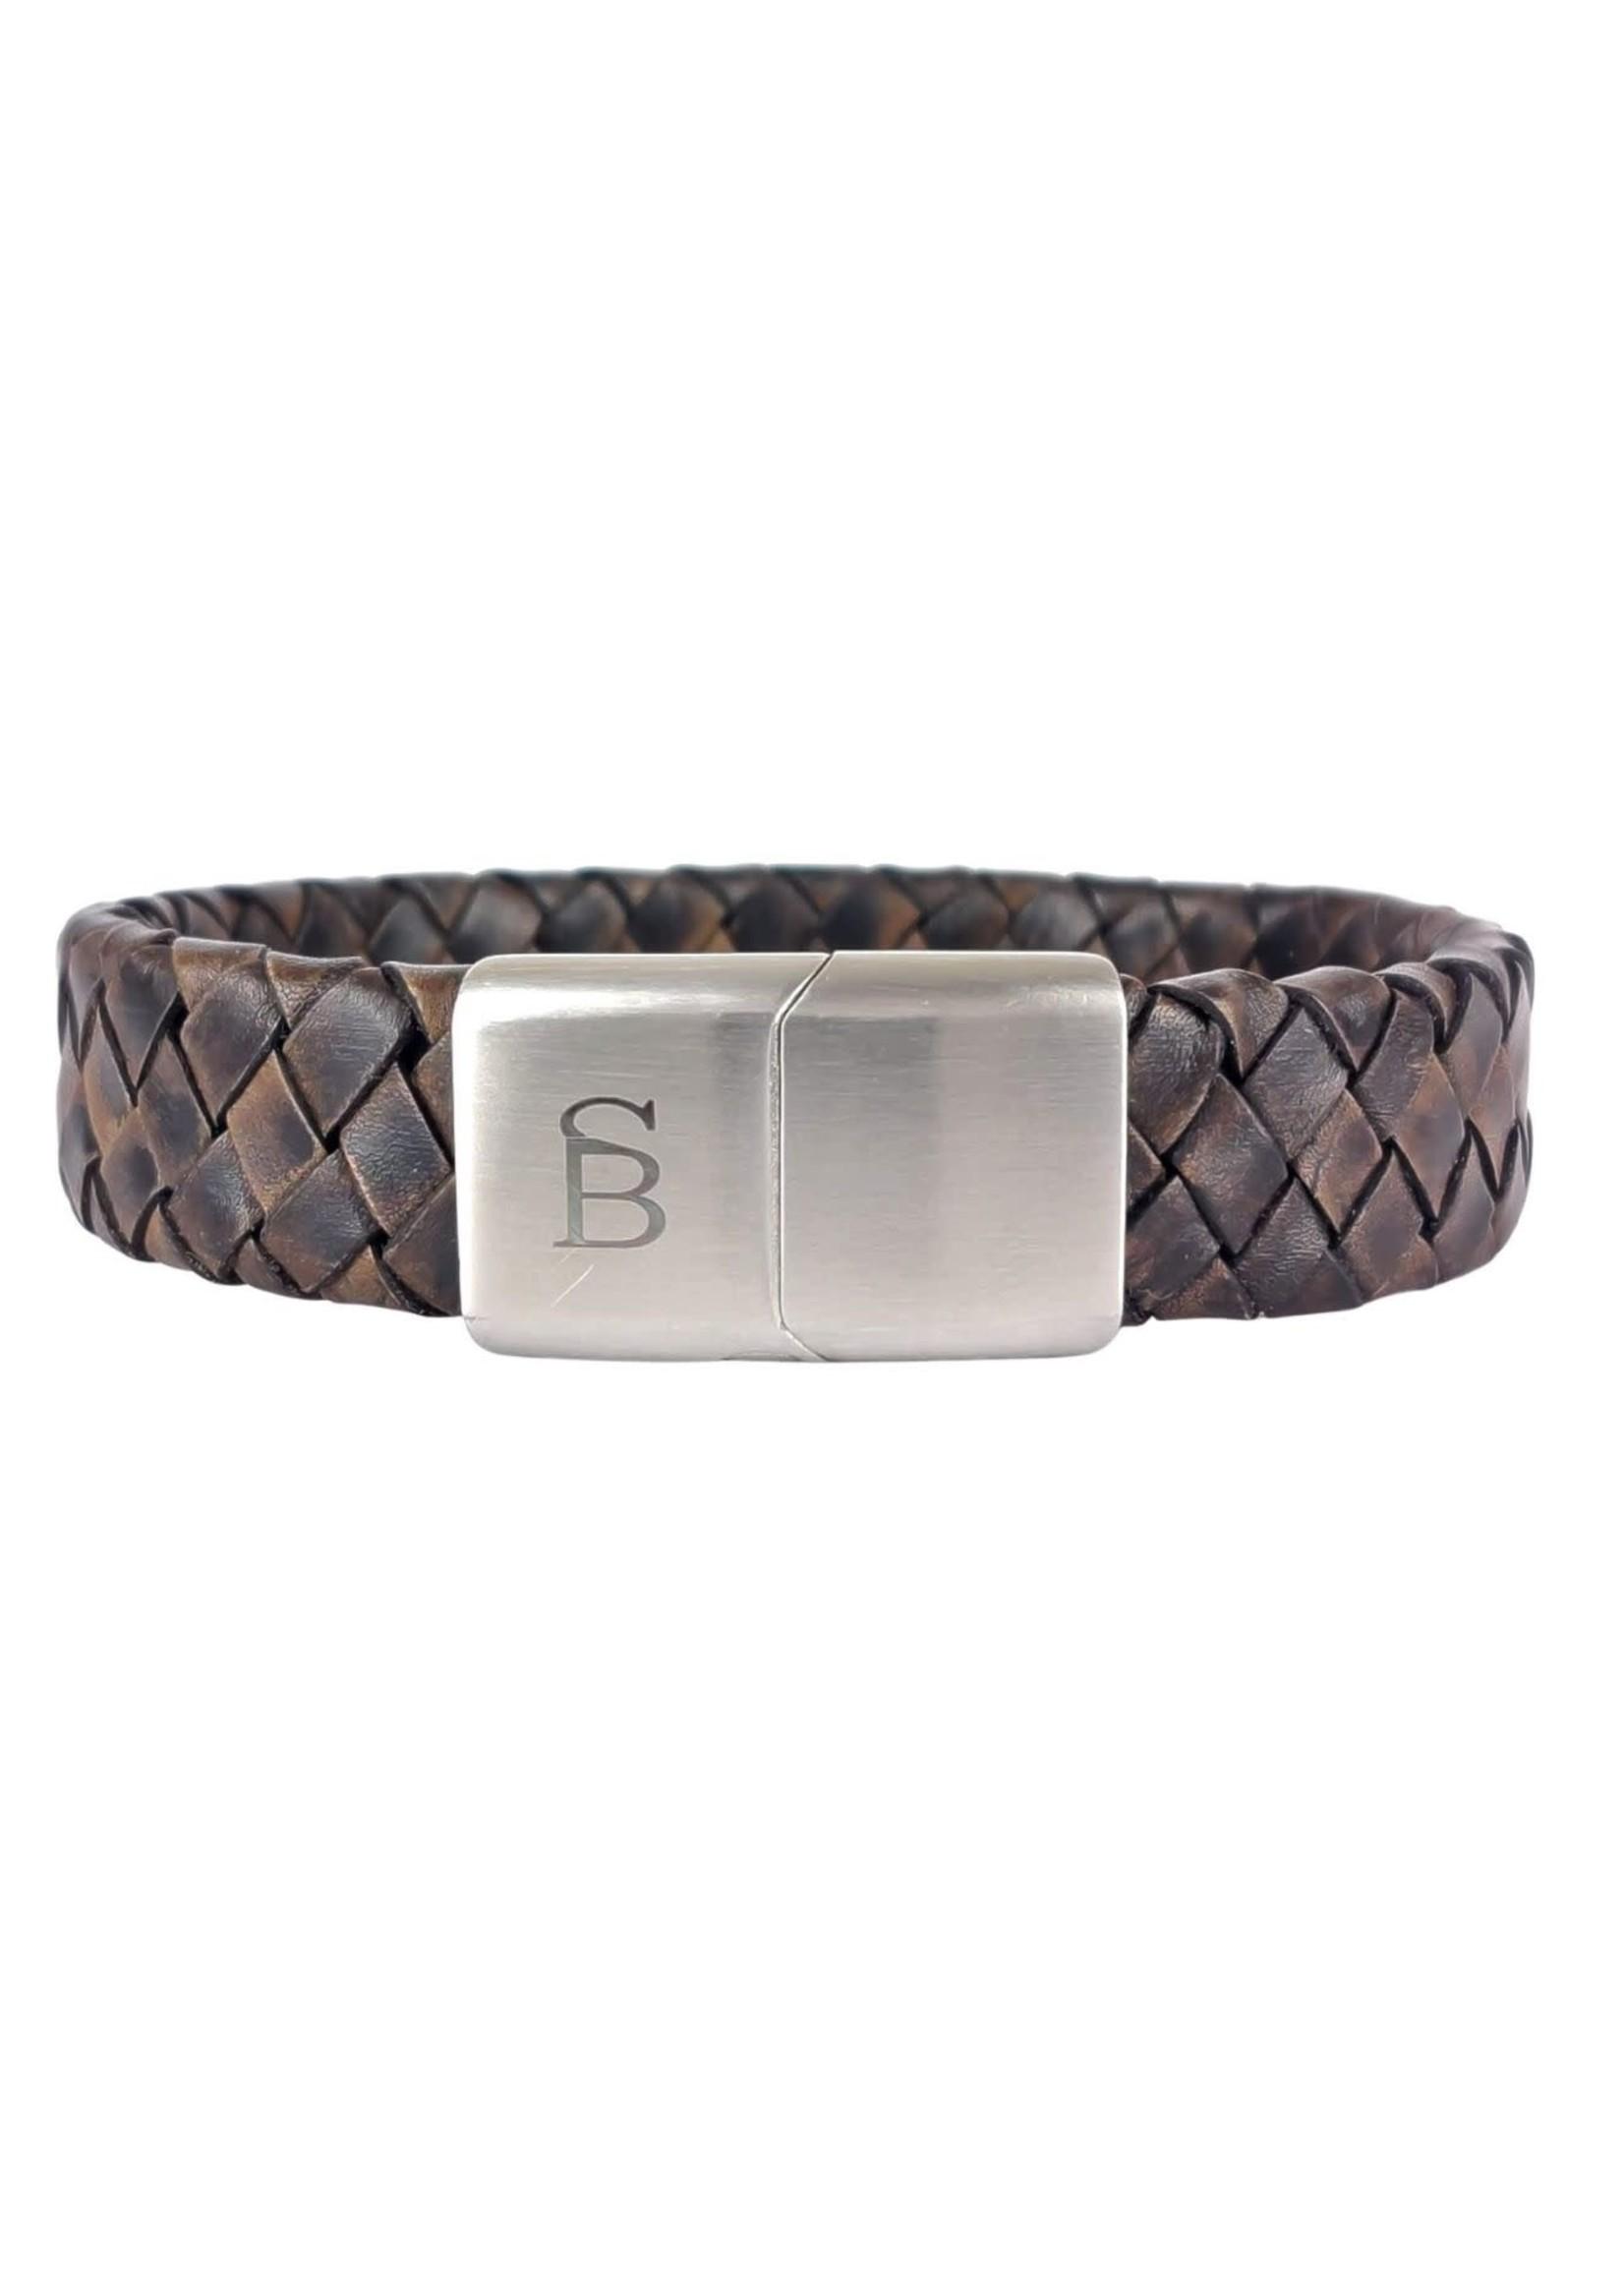 Steel & Barnett Leather Bracelet Preston   Vintage Brown   Steel&Barnett